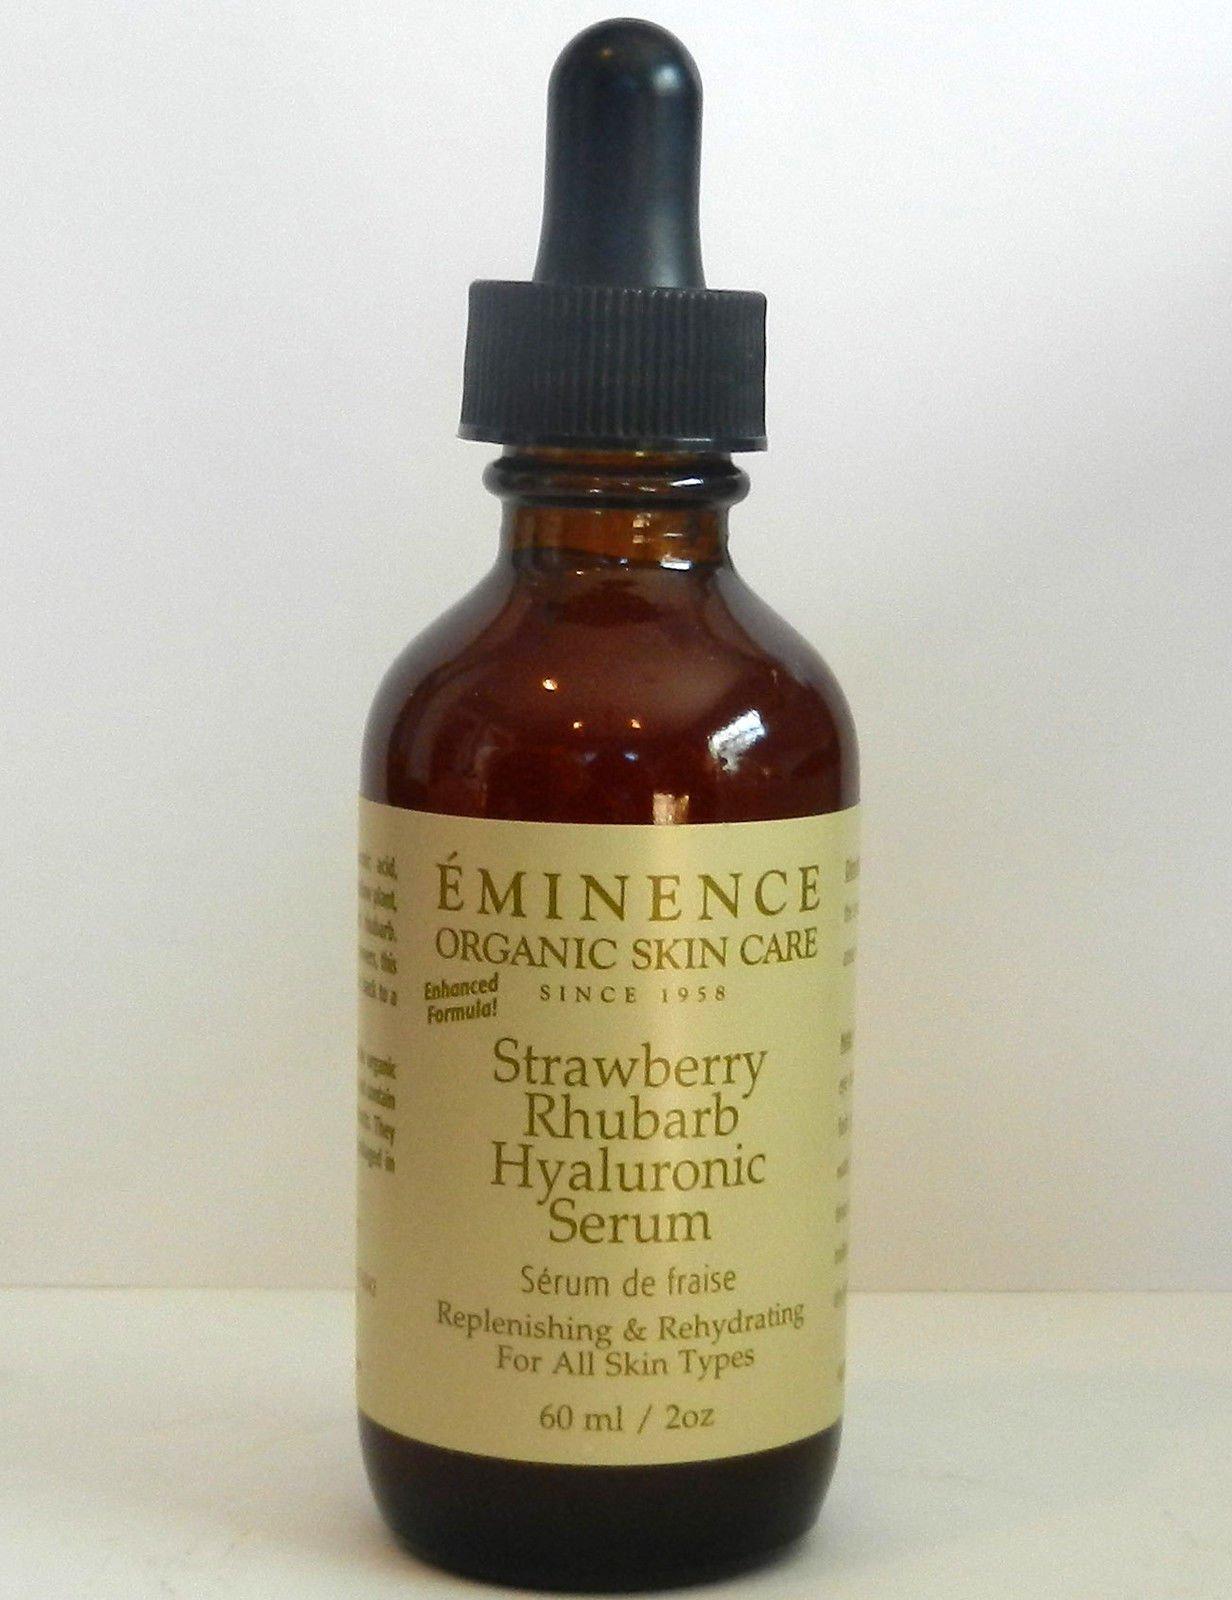 Eminence Strawberry Rhubarb Hyaluronic Serum 2 oz / 60 ml PRO Size New Fresh Product